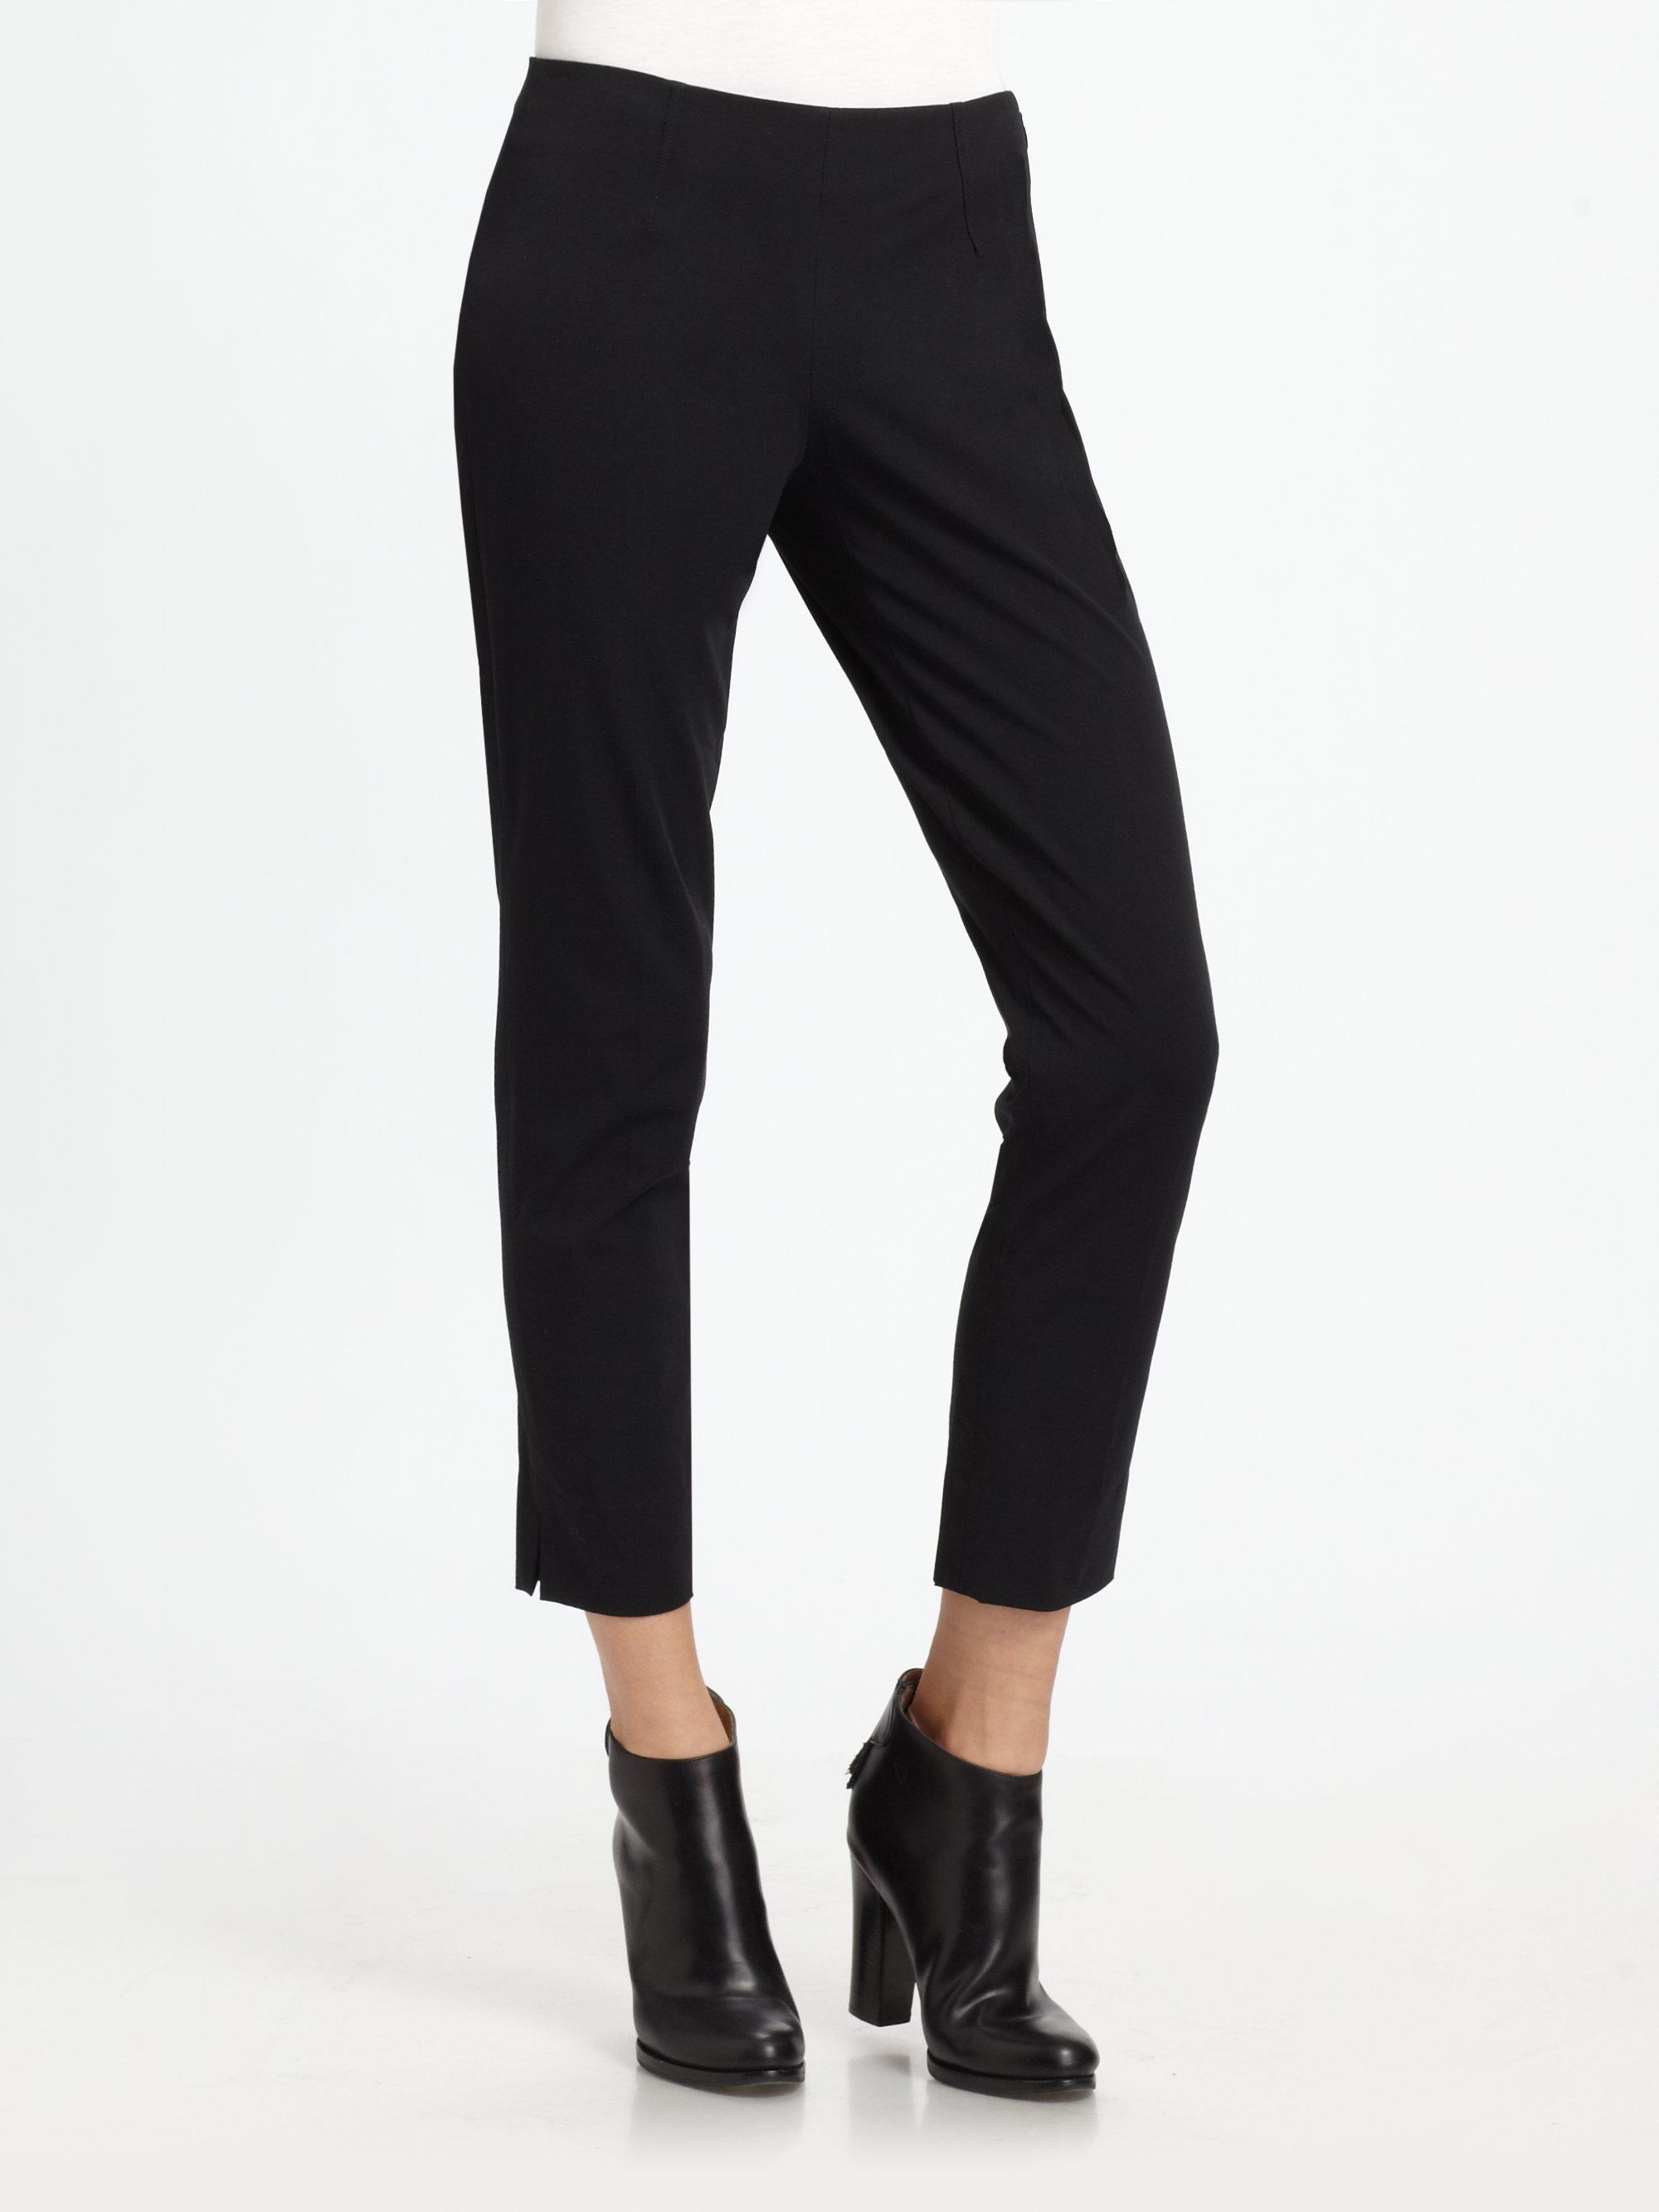 Theory Belisa Cropped Skinny Dress Pants In Black Lyst